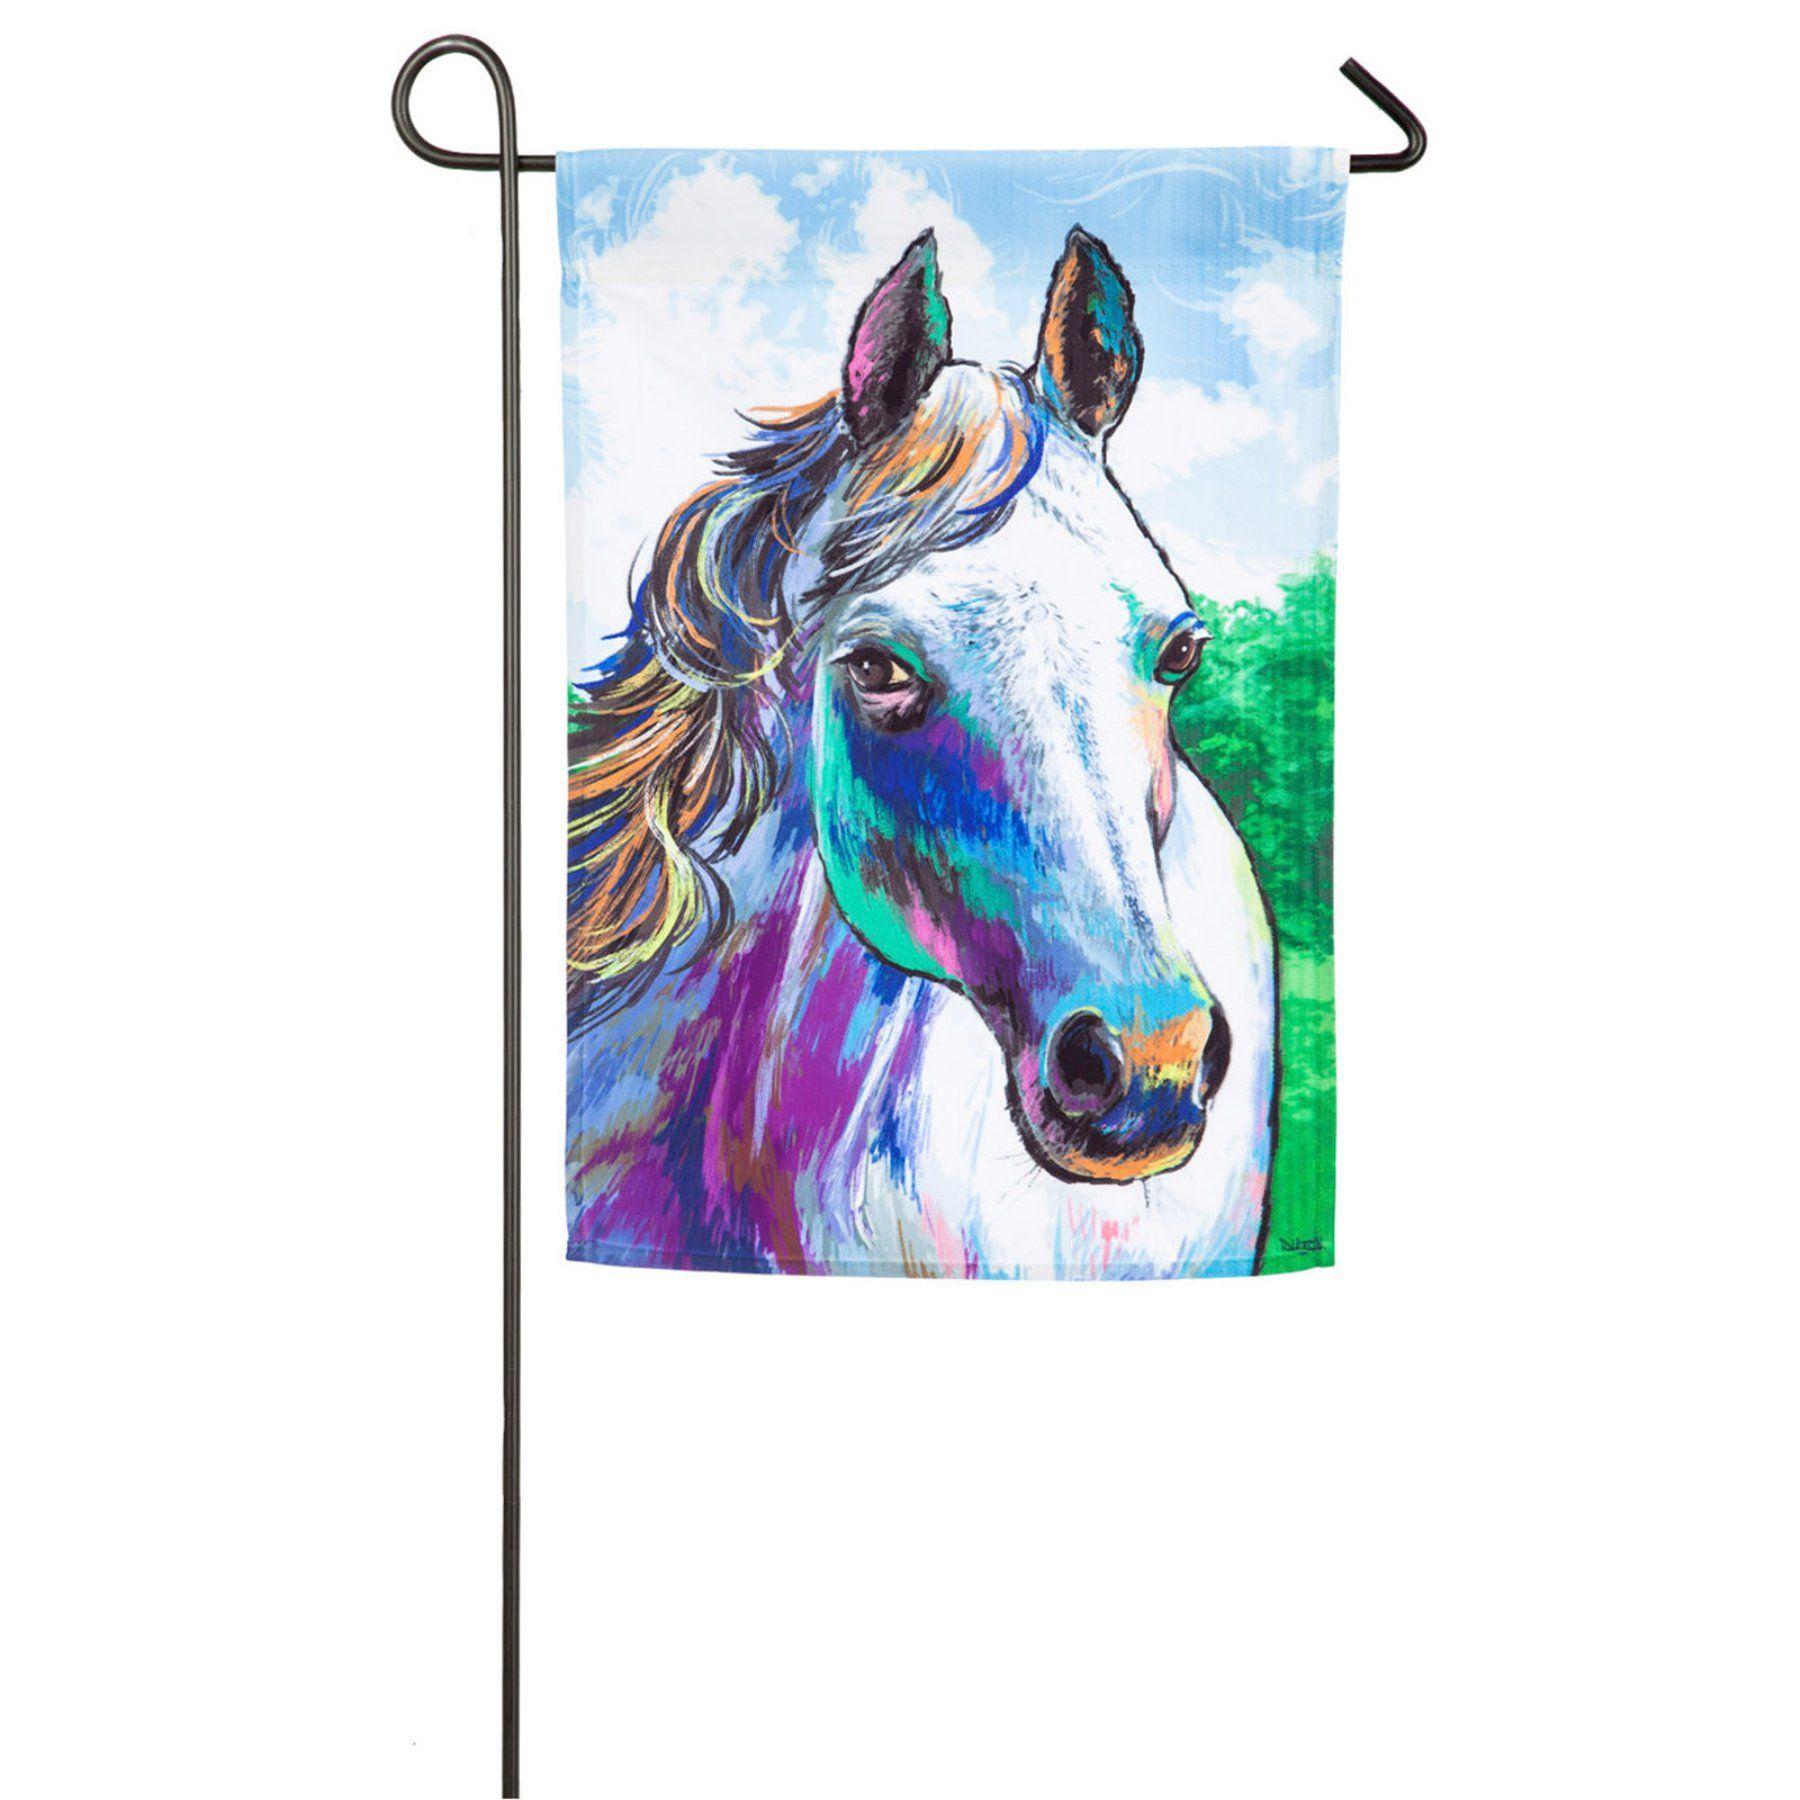 Evergreen Flag Colorful Horse Garden Flag   14A4485